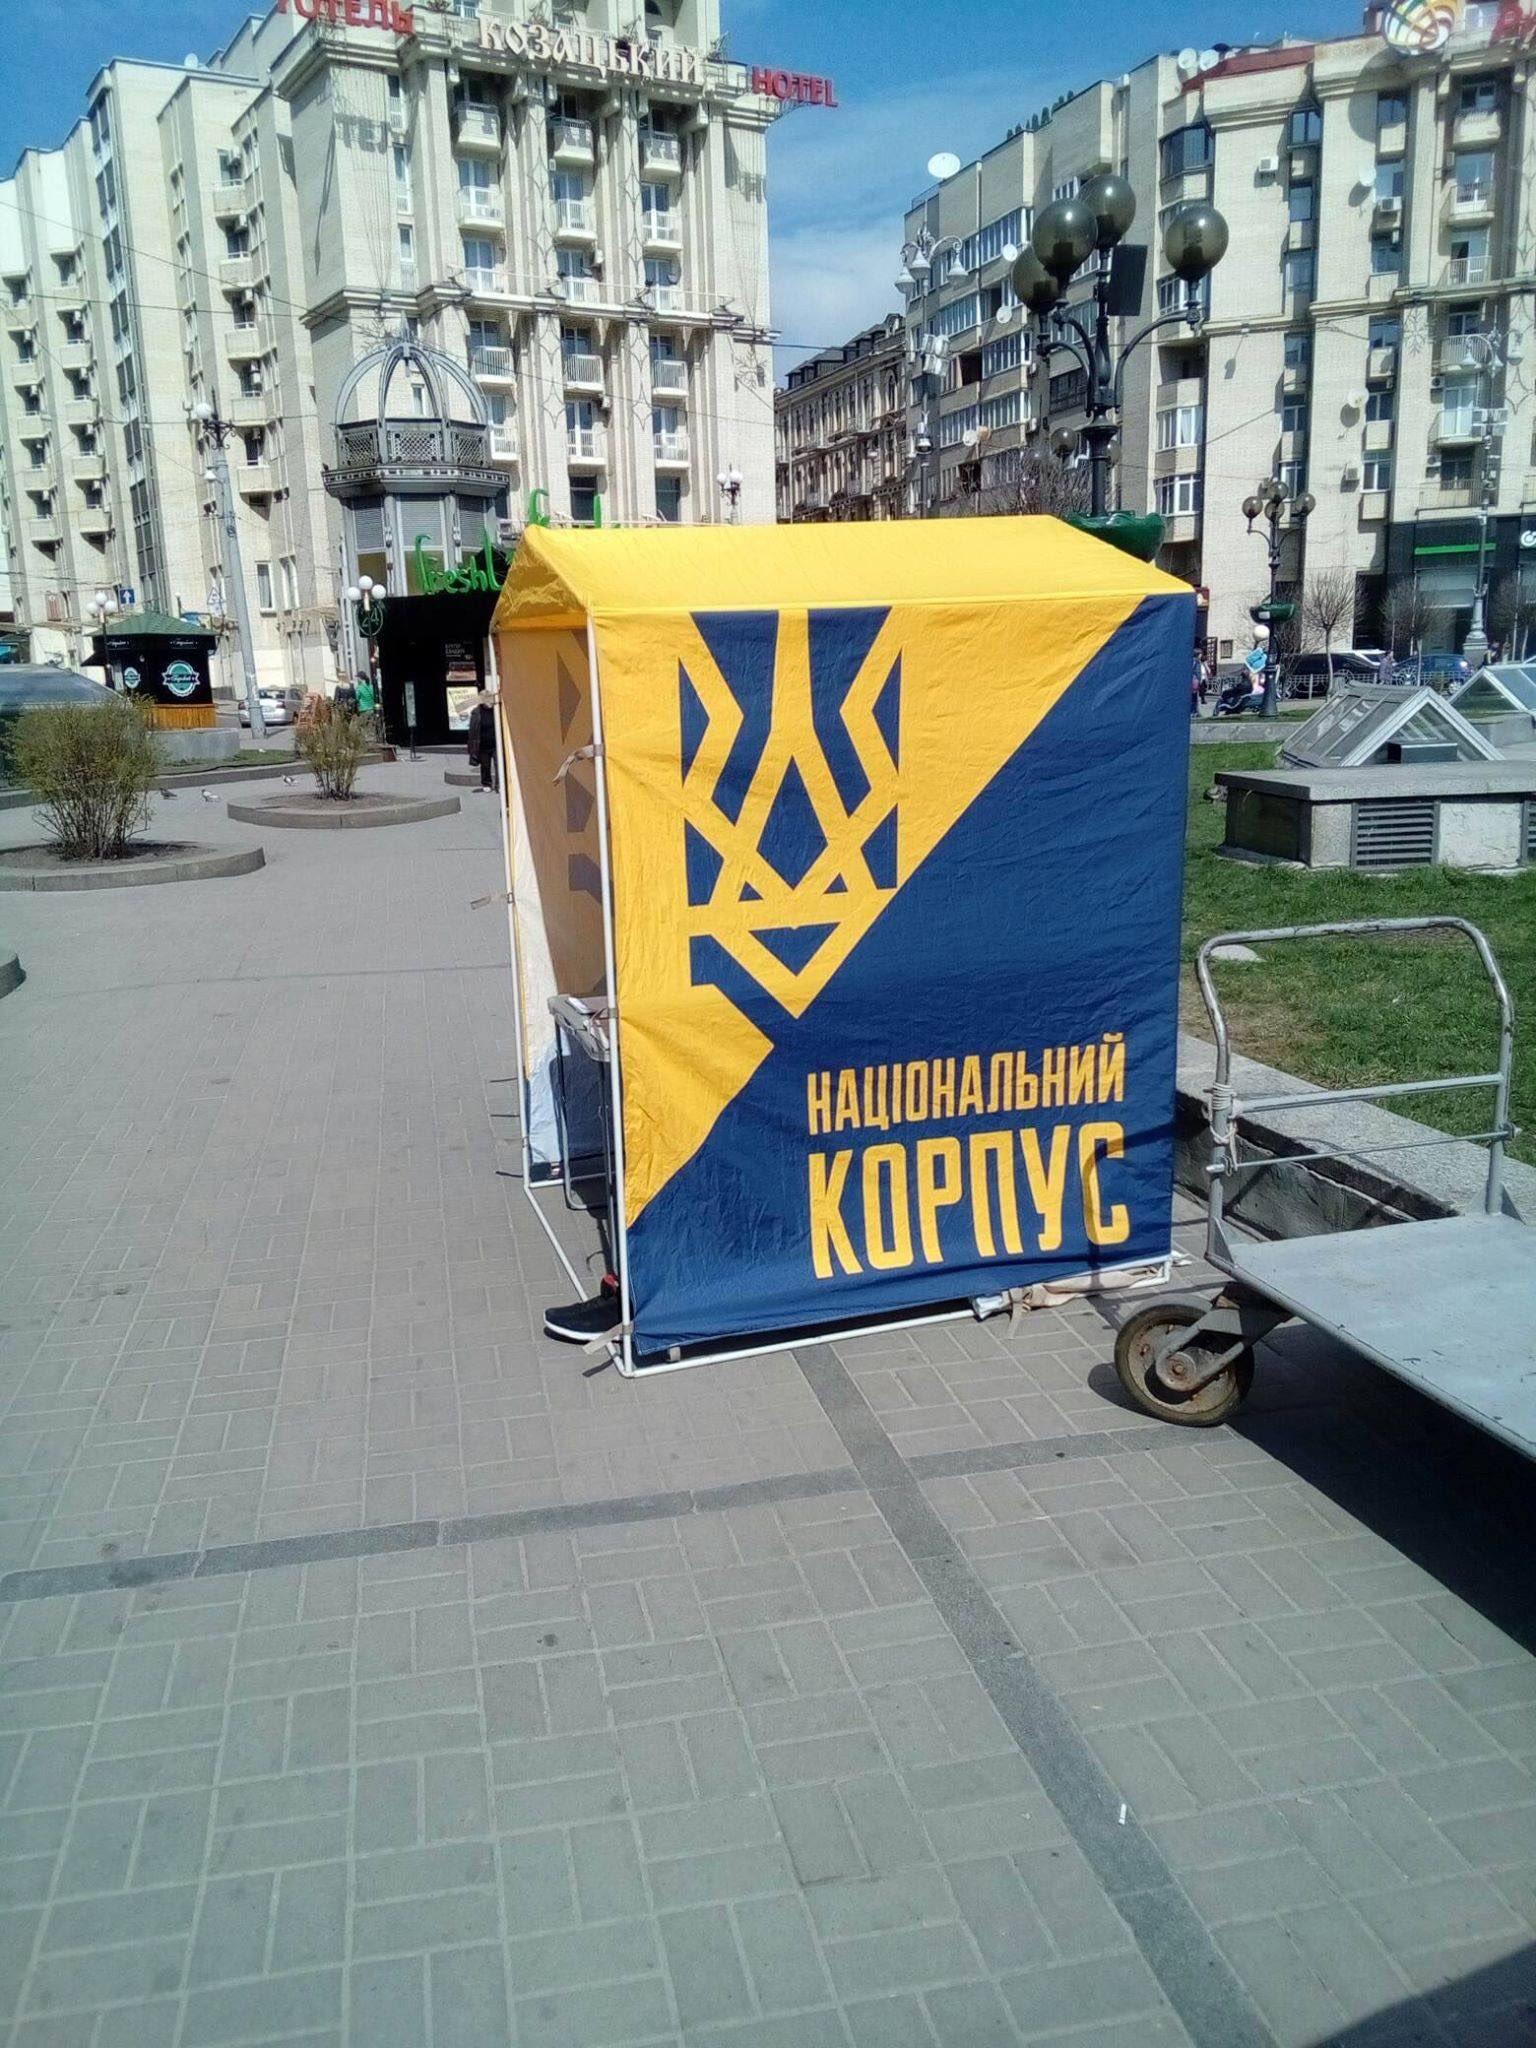 """Поліція затримала активіста """"Відсічі"""" за агітацію на Майдані - Цензор.НЕТ 9085"""